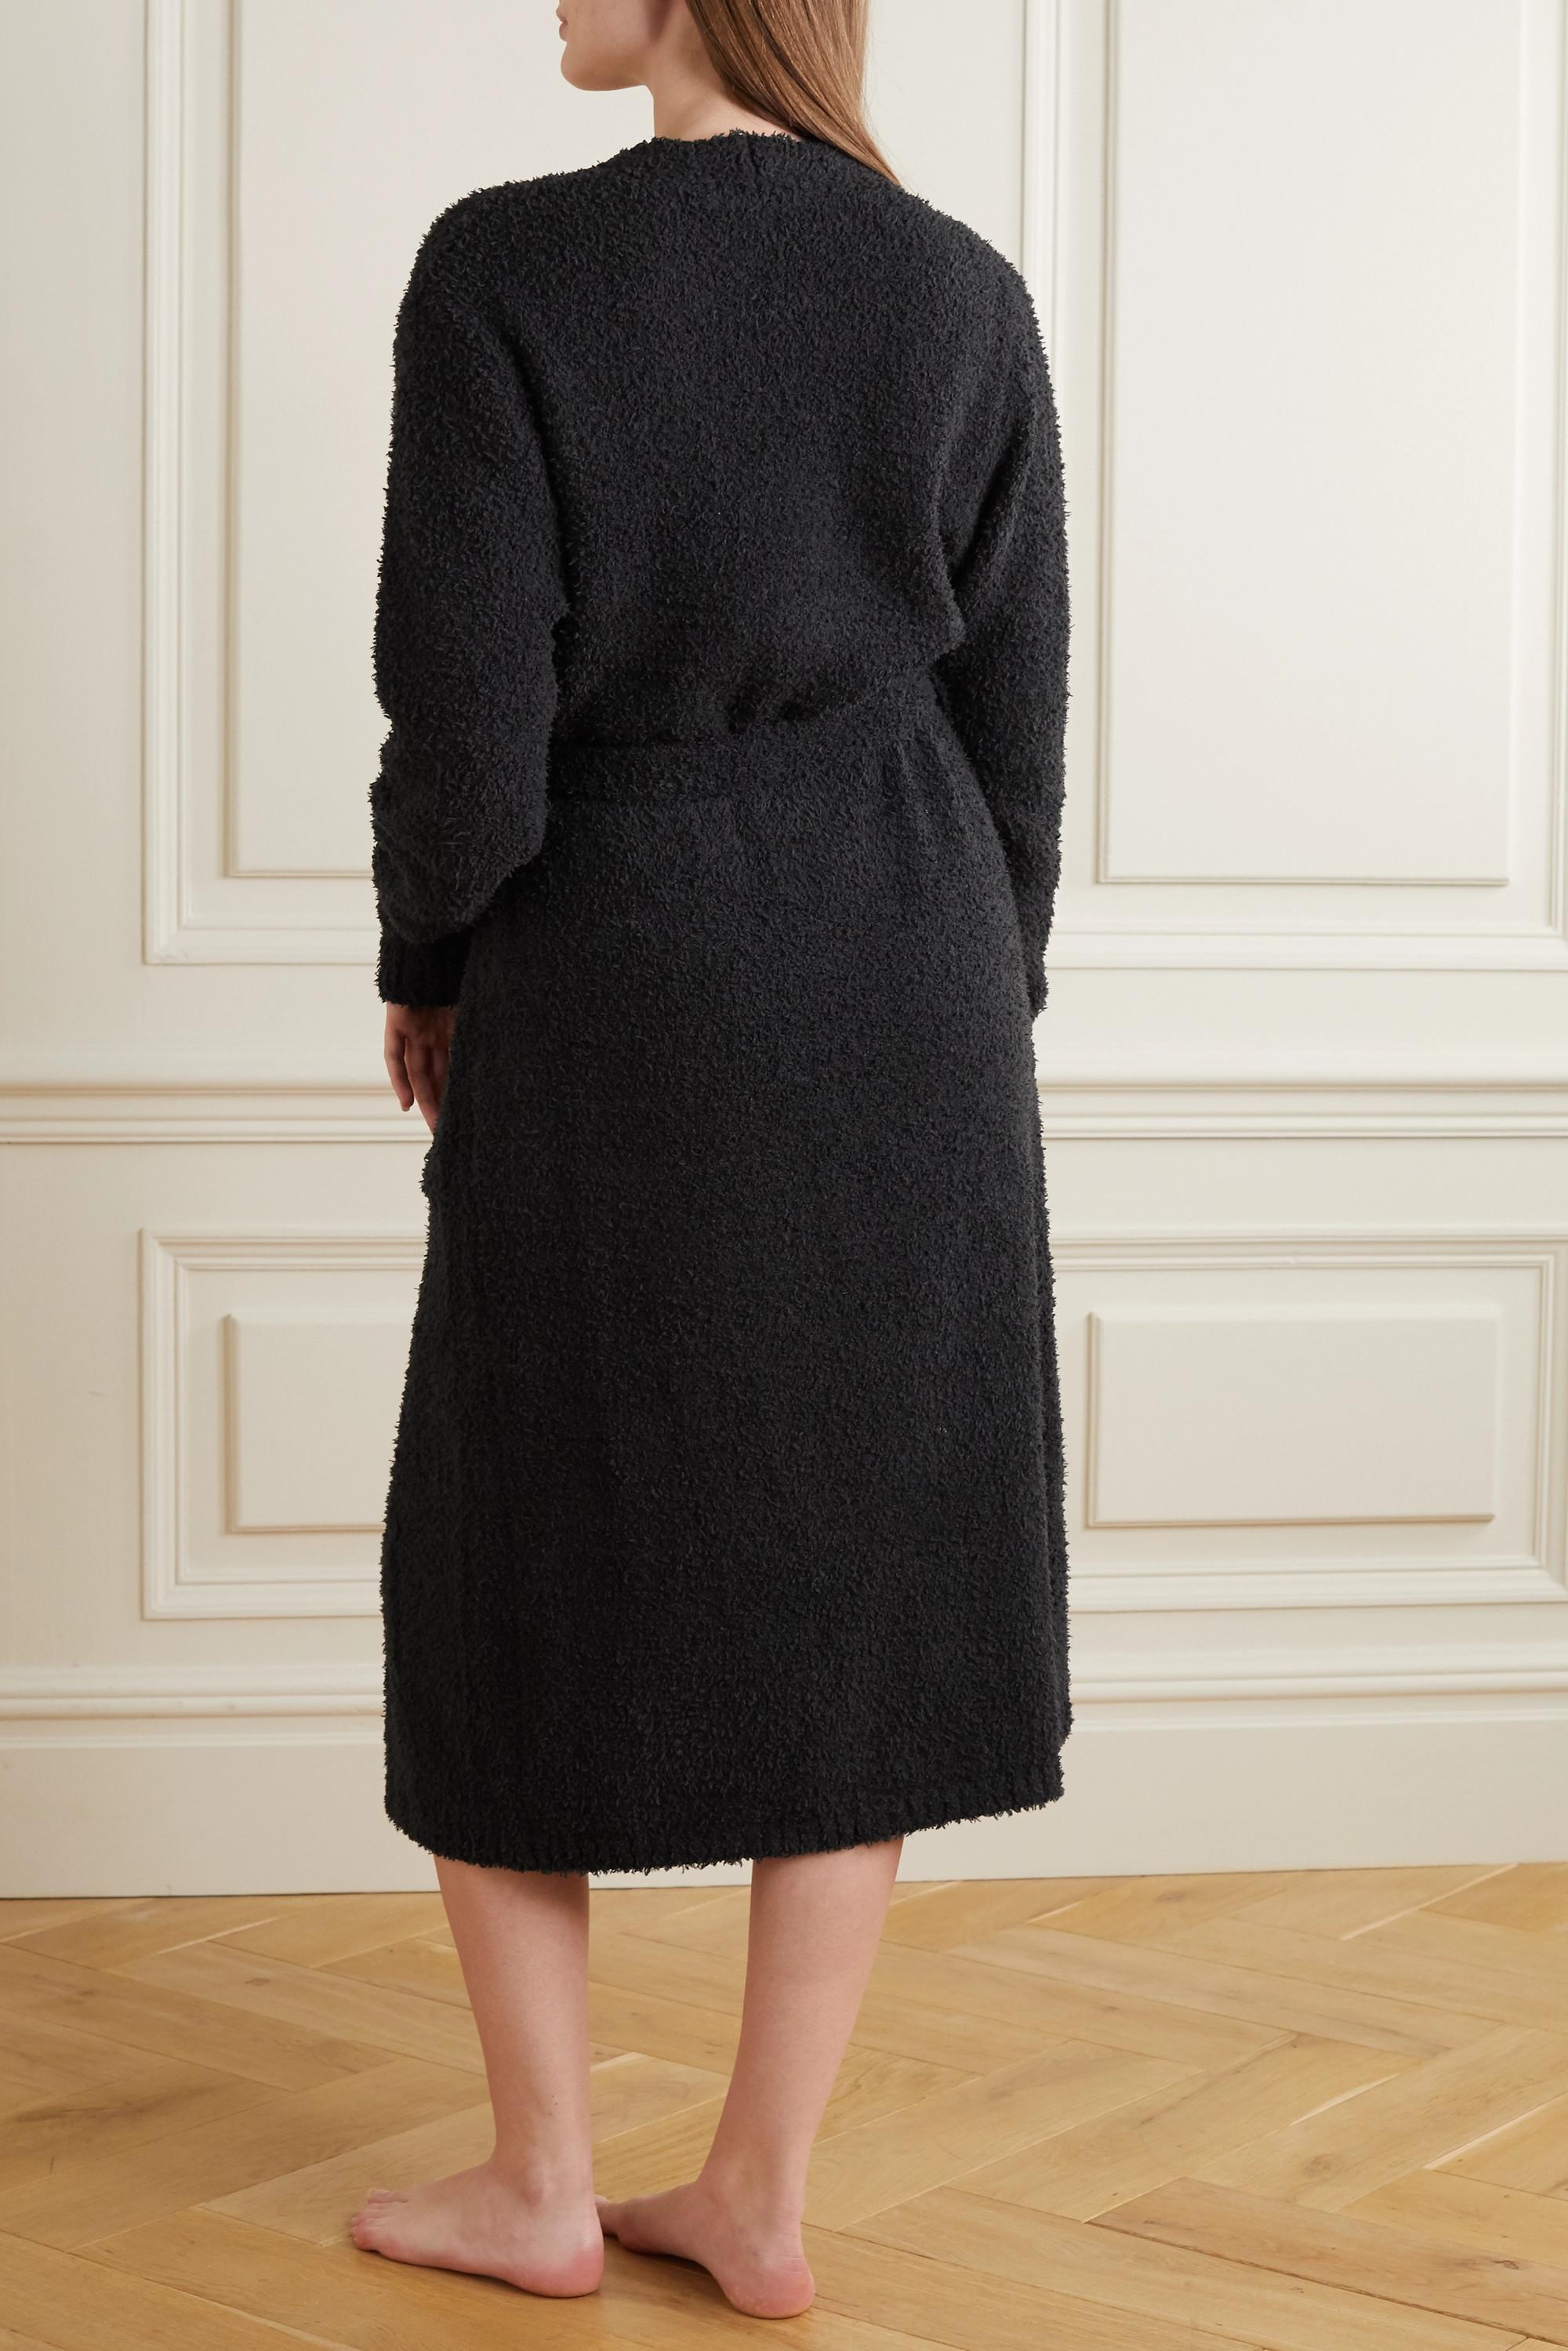 SKIMS Cozy Knit bouclé robe - Onyx